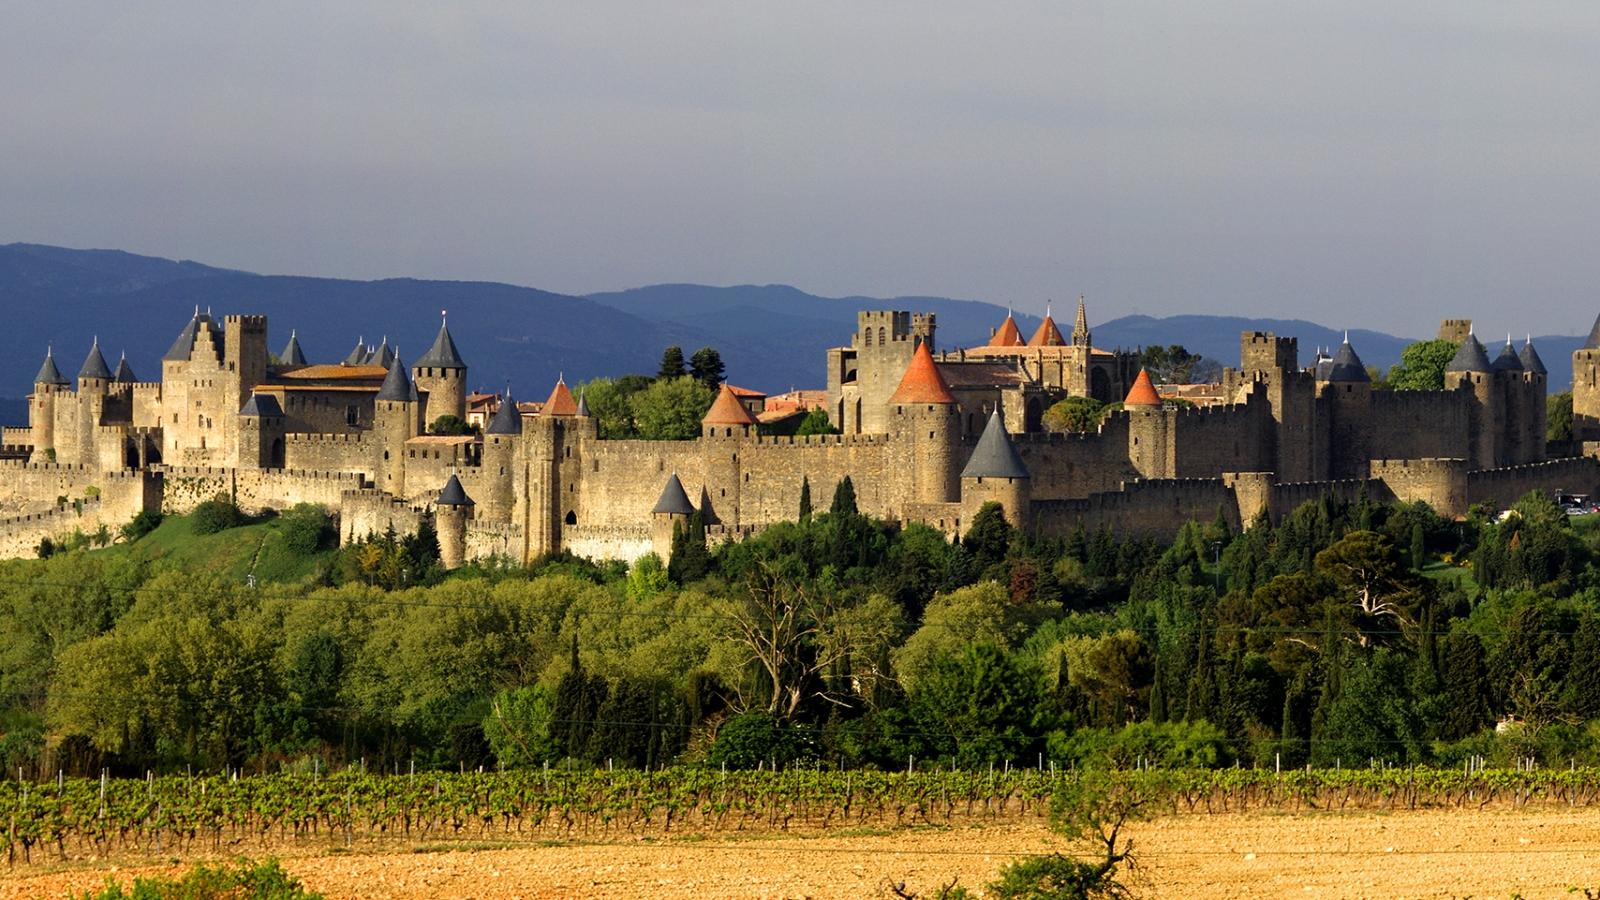 Castillos de Carcassonne - 1600x900